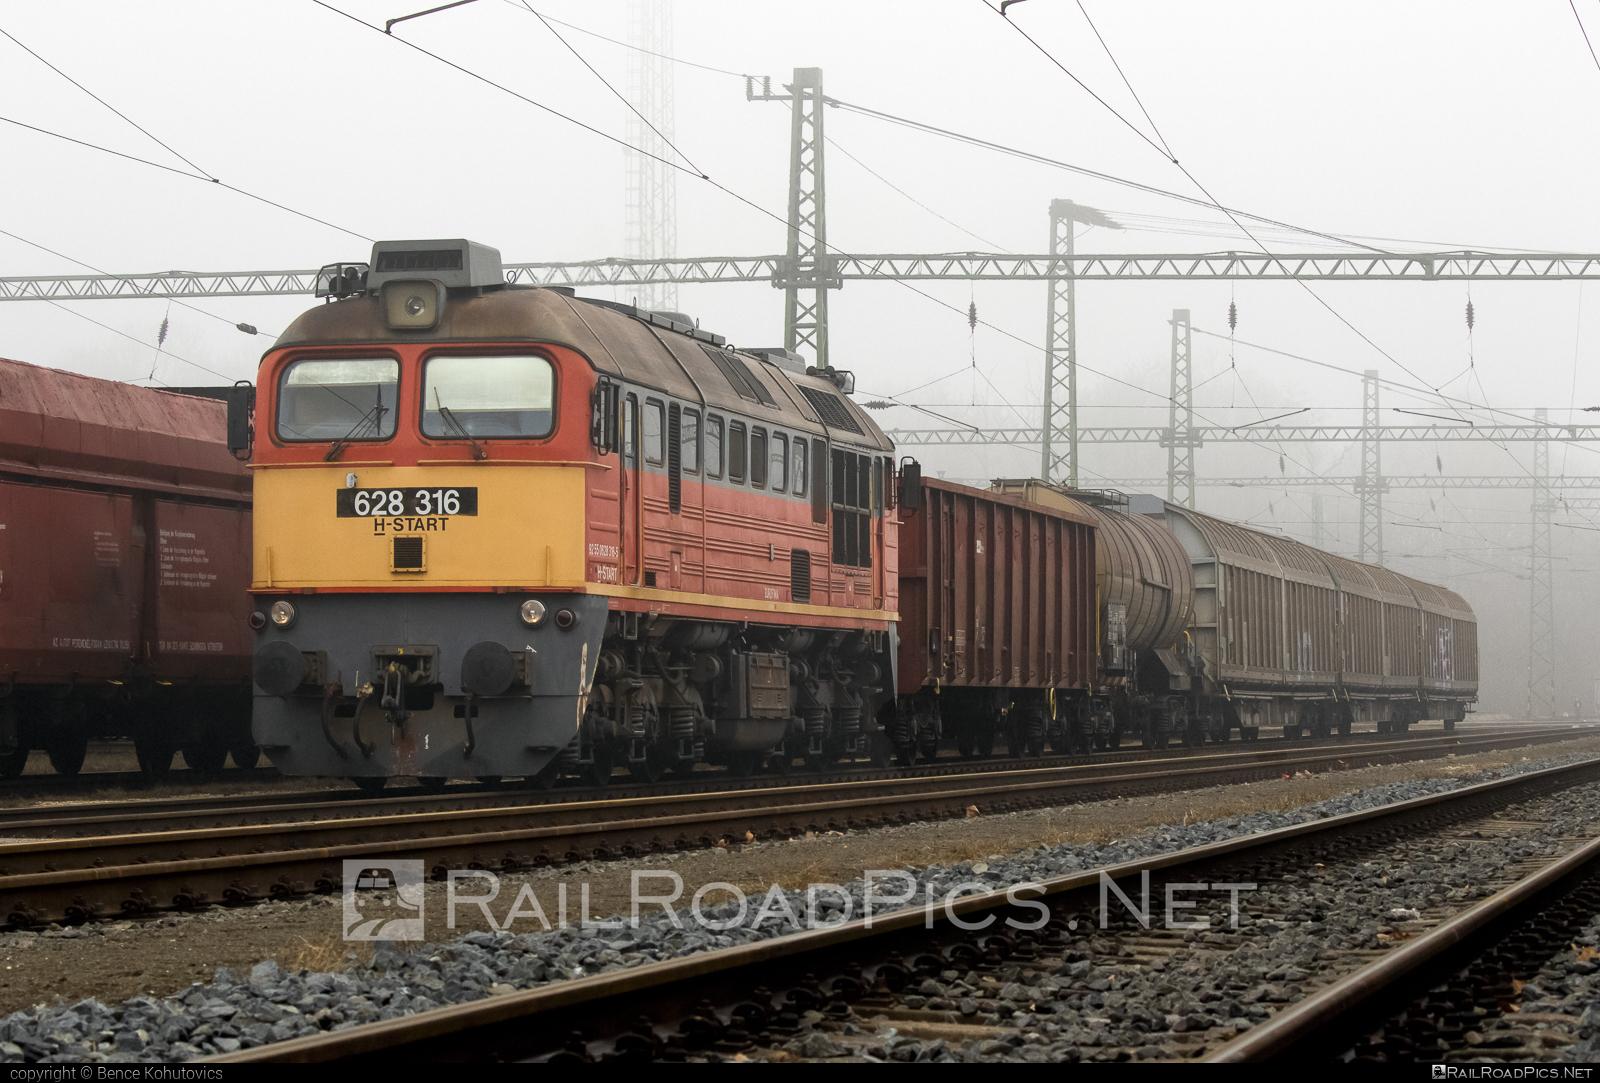 Lugansk M62 - 628 316 operated by Magyar Államvasutak ZRt. #locomotivem62 #ltz #ltzm62 #lugansk #luganskteplovoz #luhansklocomotiveworks #luhanskm62 #luhanskteplovoz #m62 #m62locomotive #magyarallamvasutak #magyarallamvasutakzrt #mav